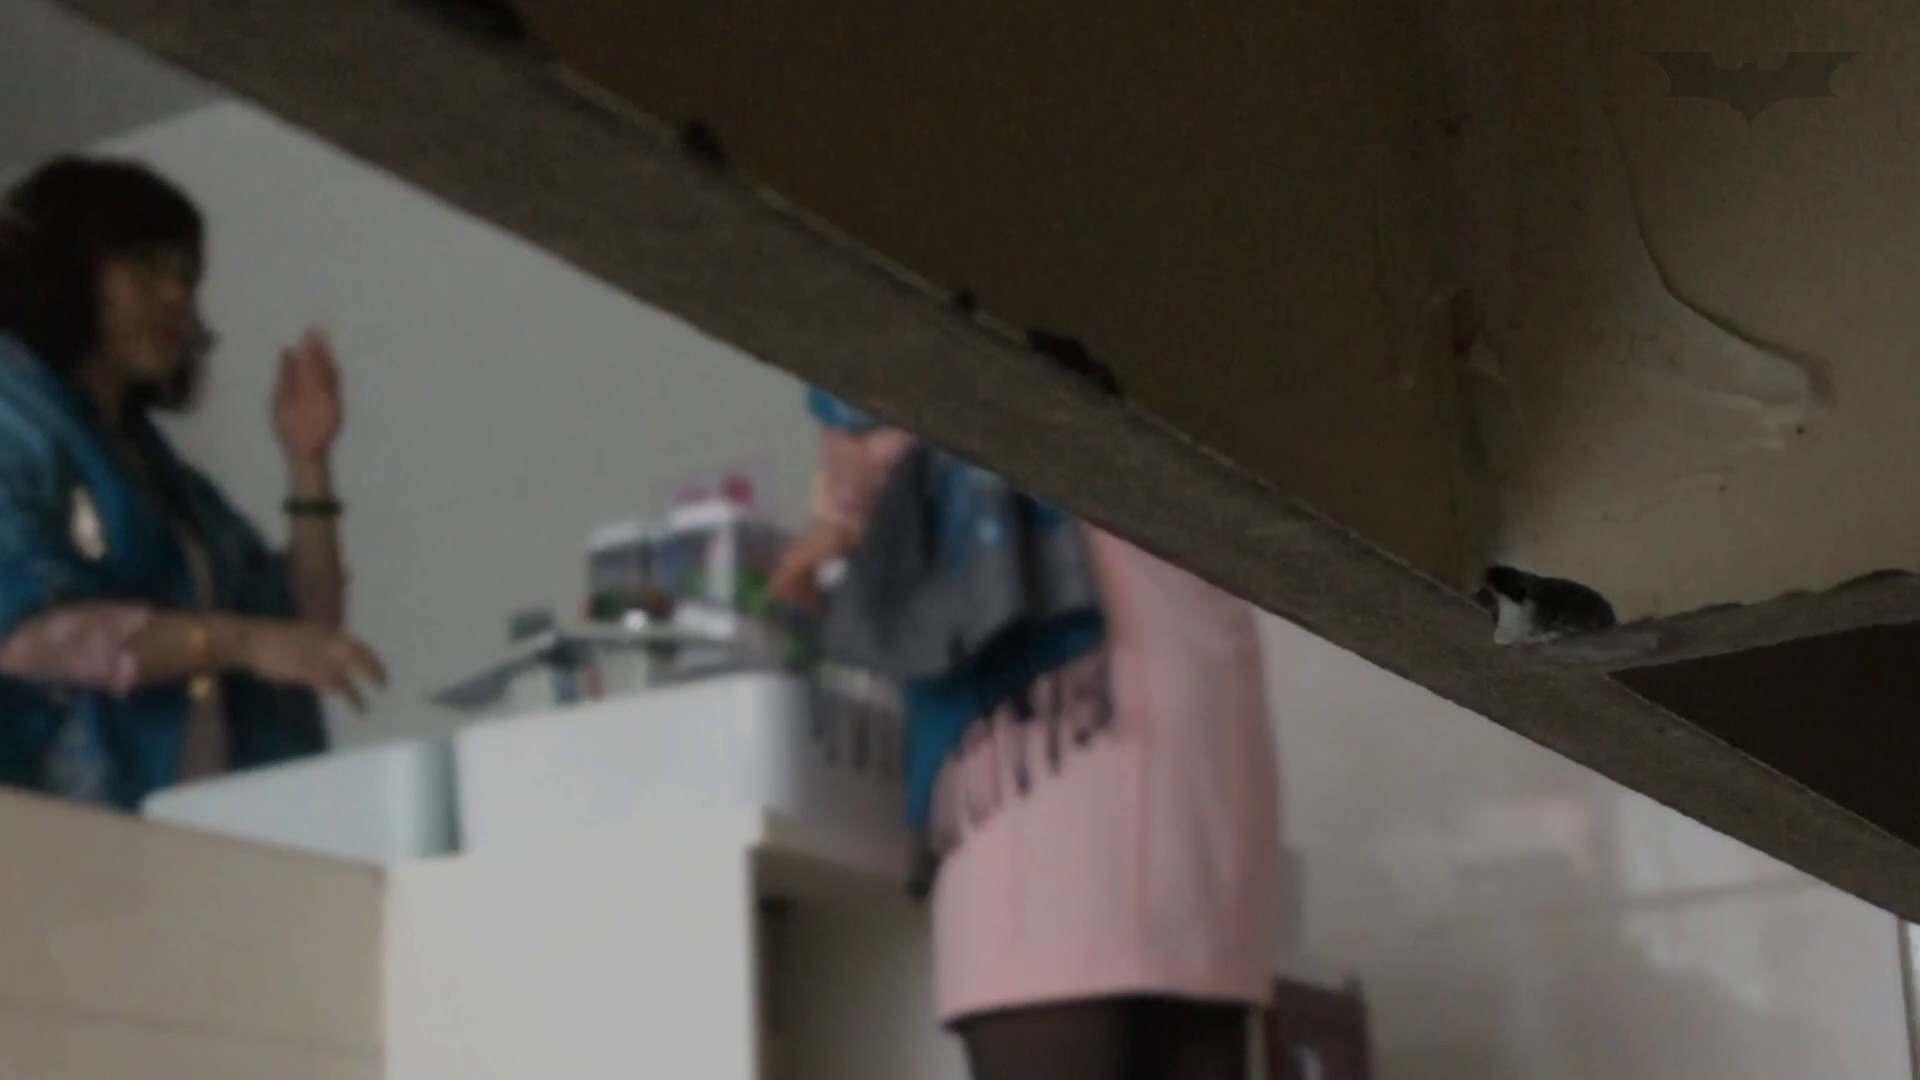 芸術大学ガチ潜入盗撮 JD盗撮 美女の洗面所の秘密 Vol.113 ギャル攻め AV動画キャプチャ 74画像 14